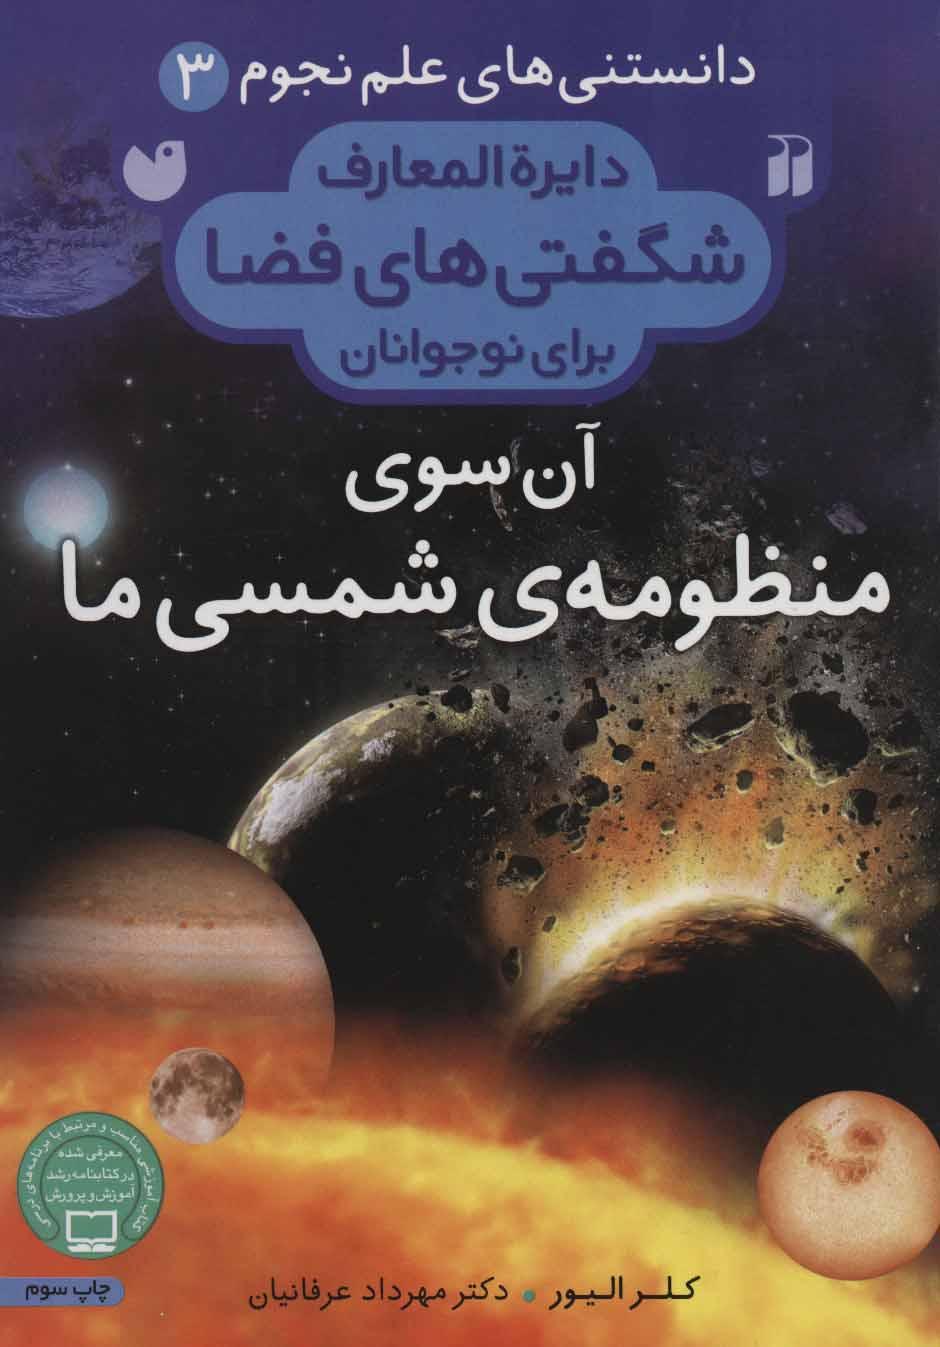 دانستنی های علم نجوم 3:آن سوی منظومه ی شمسی ما (دایره المعارف شگفتی های فضا برای نوجوانان)